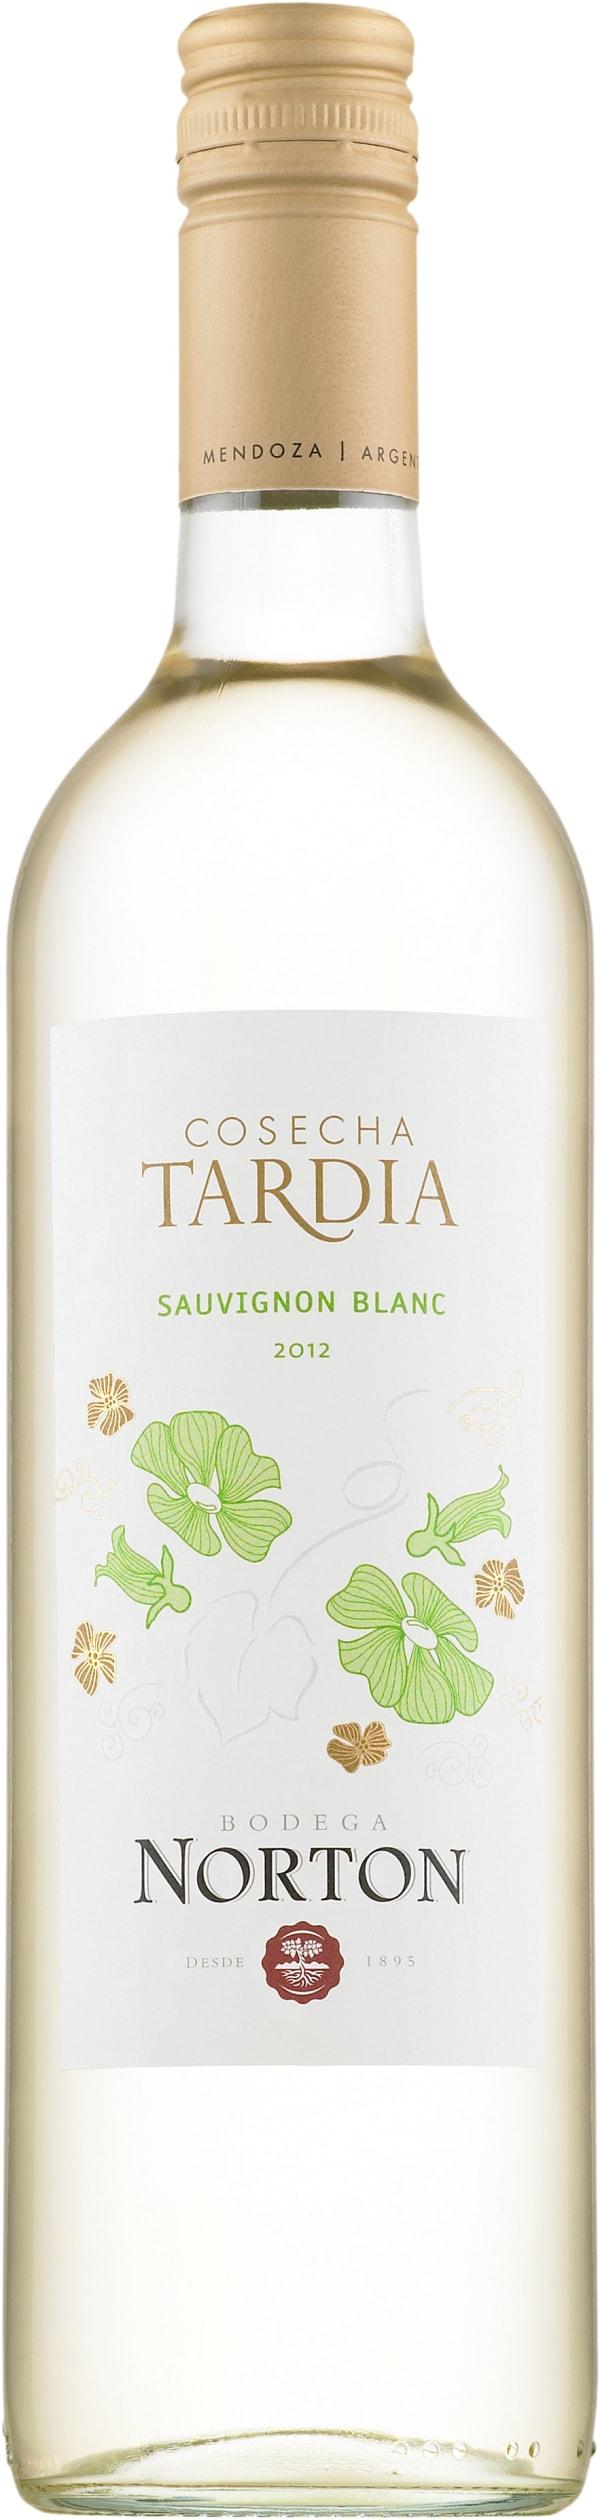 Norton Sauvignon Blanc Cosecha Tardía 2019